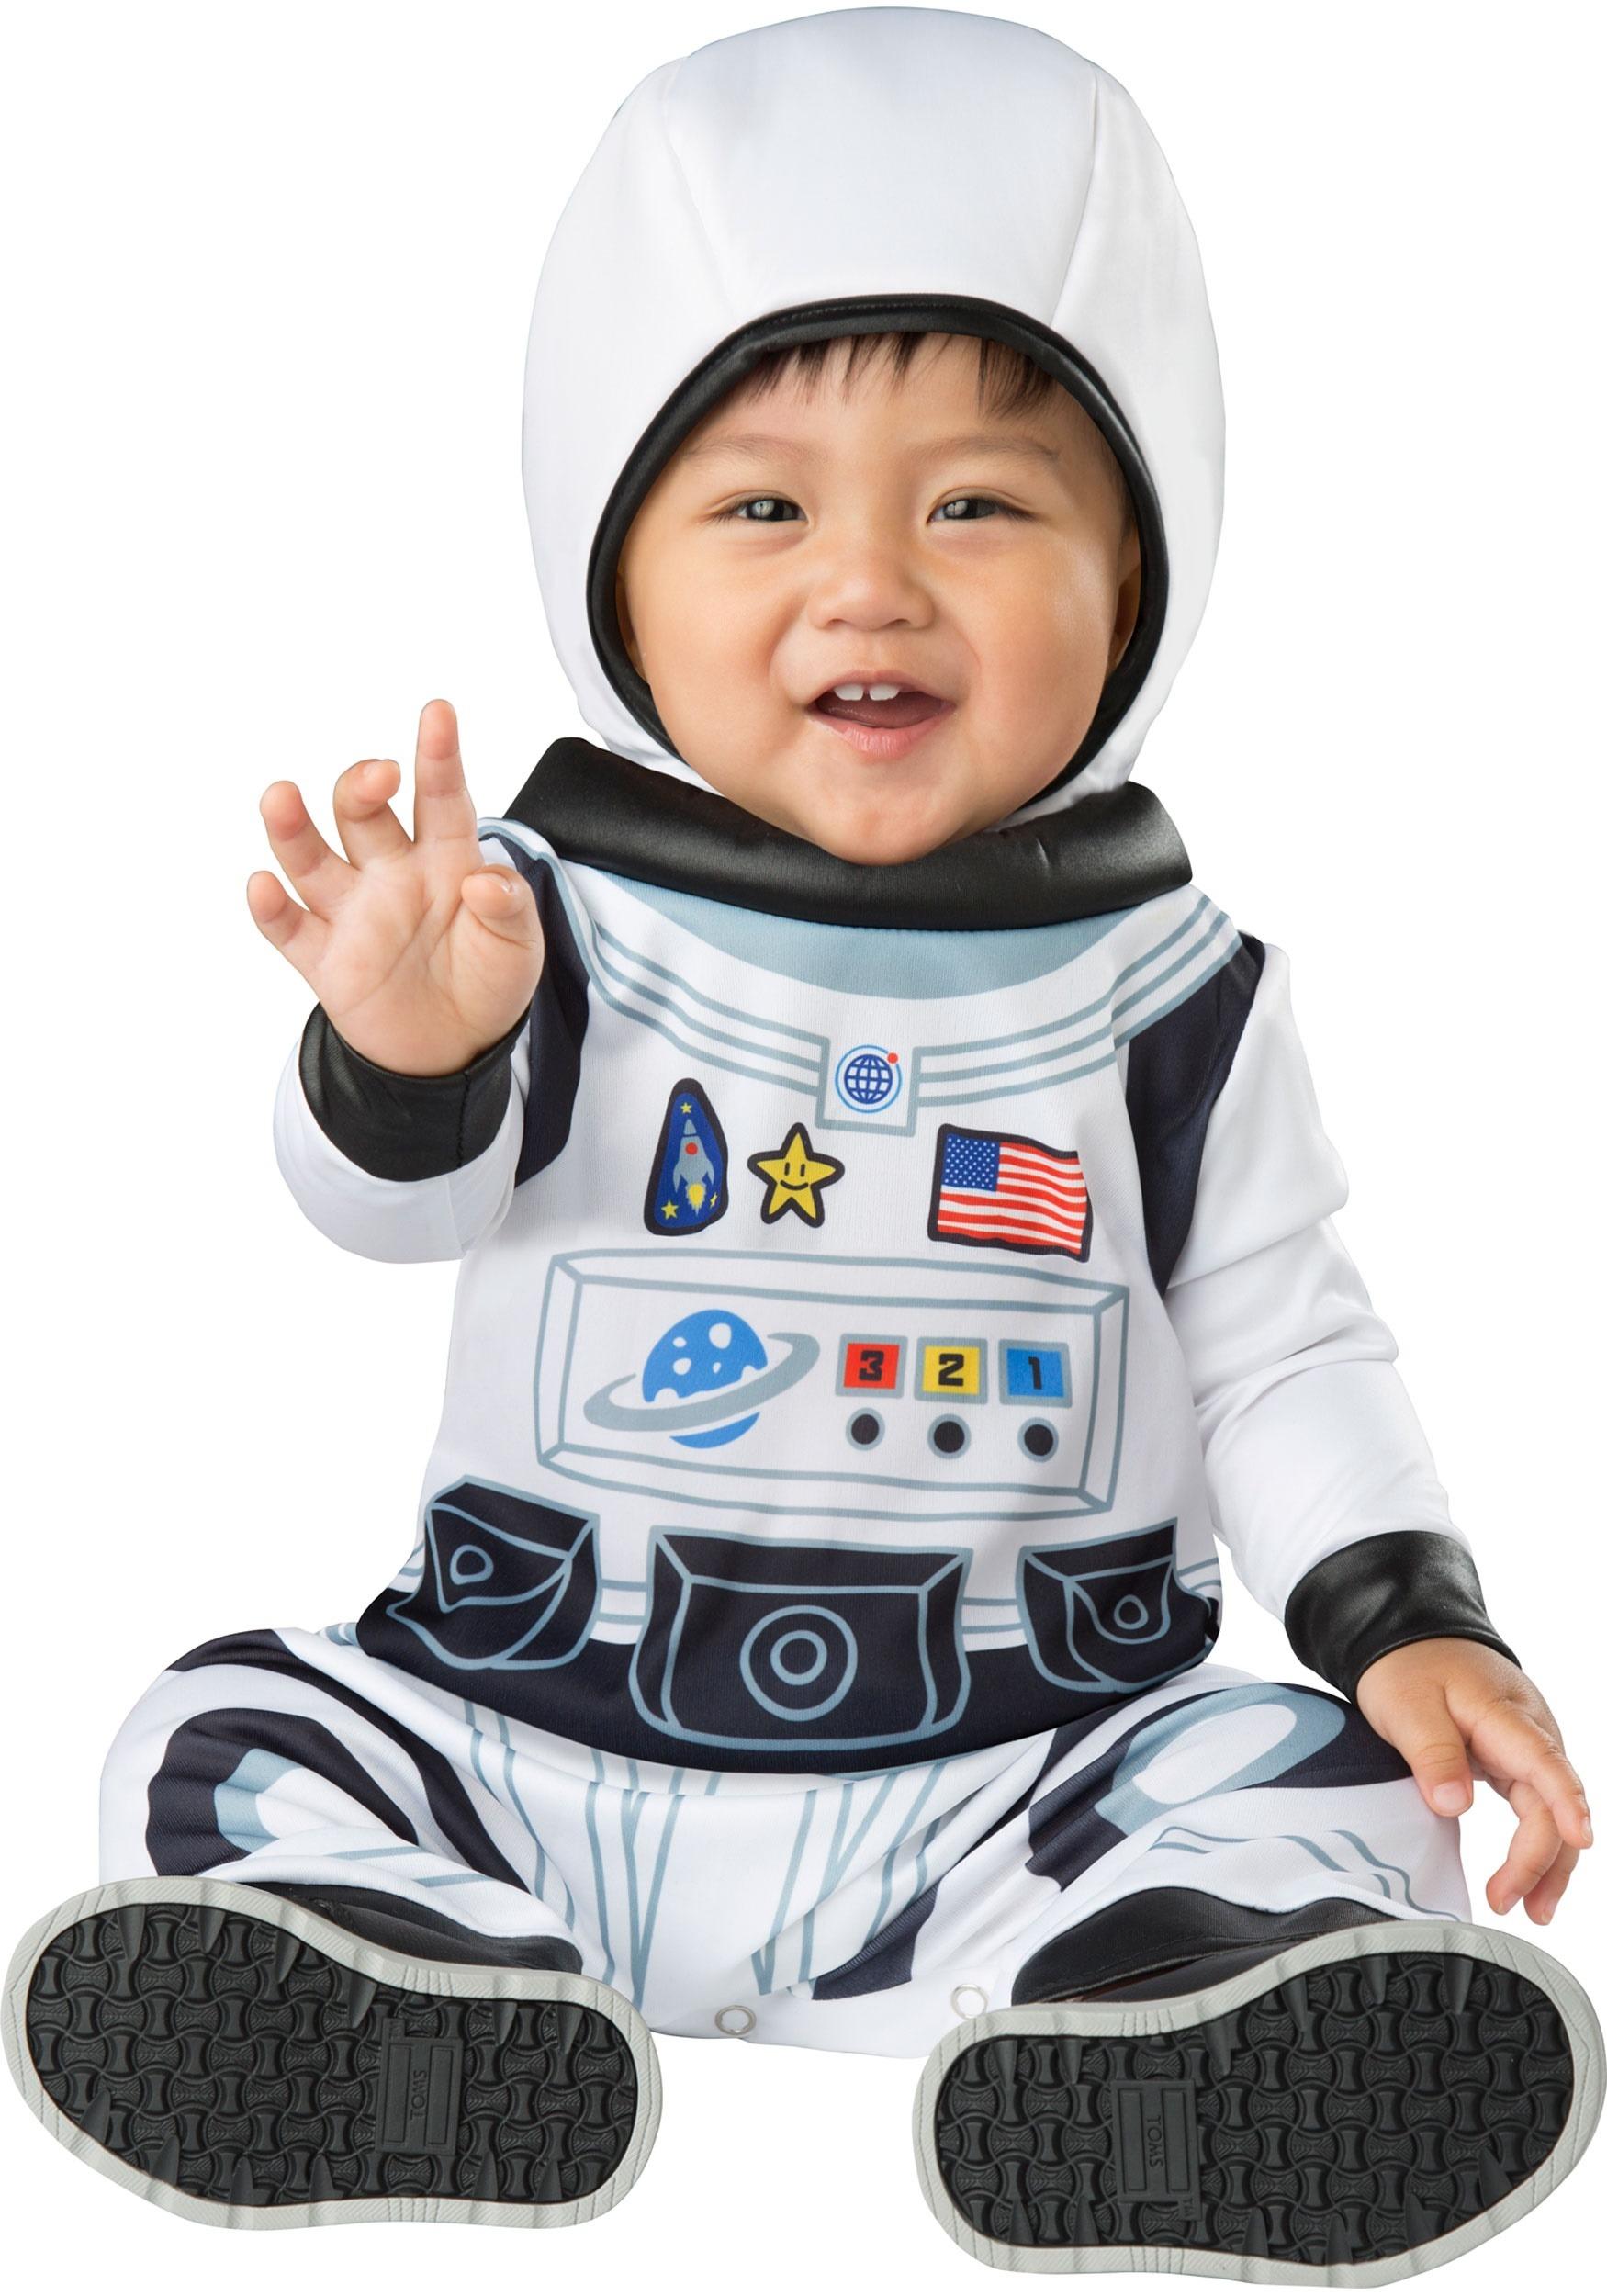 Astronaut Tot Infant Costume  sc 1 st  Halloween Costumes CA & Astronaut Costumes - Kids Adult Astronaut Halloween Costume